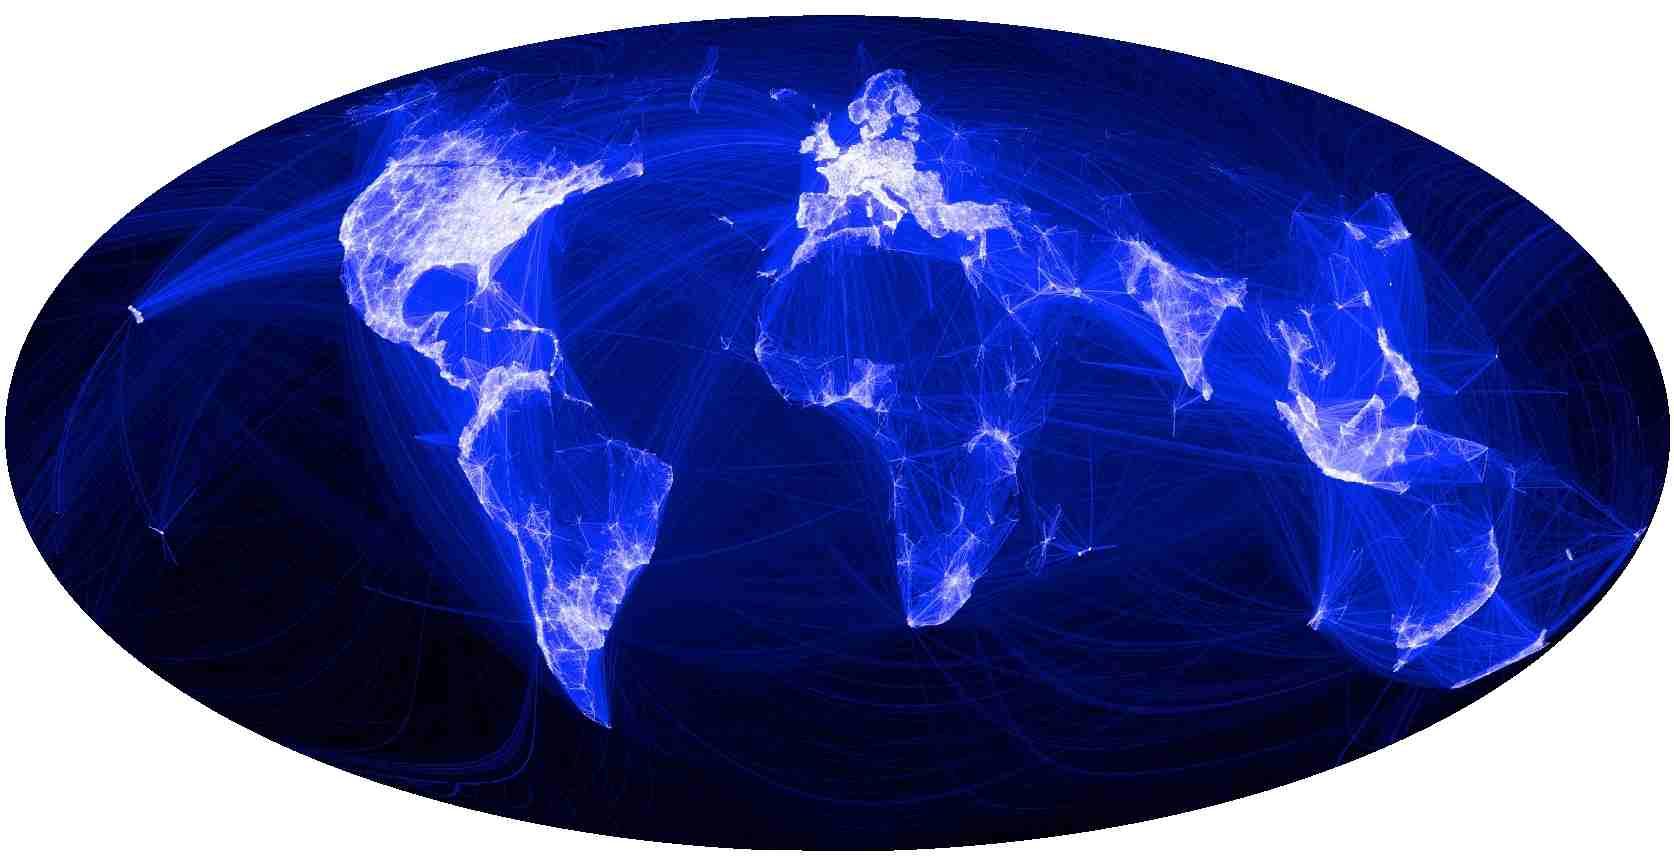 La carte planétaire du réseau social le plus utilisé au monde, en 2011. Cette carte montre avant tout que ce monde numérique ne concerne qu'une minorité de la population de la planète, celle qui a accès à Internet. © mondegeonumerique, T. Joliv